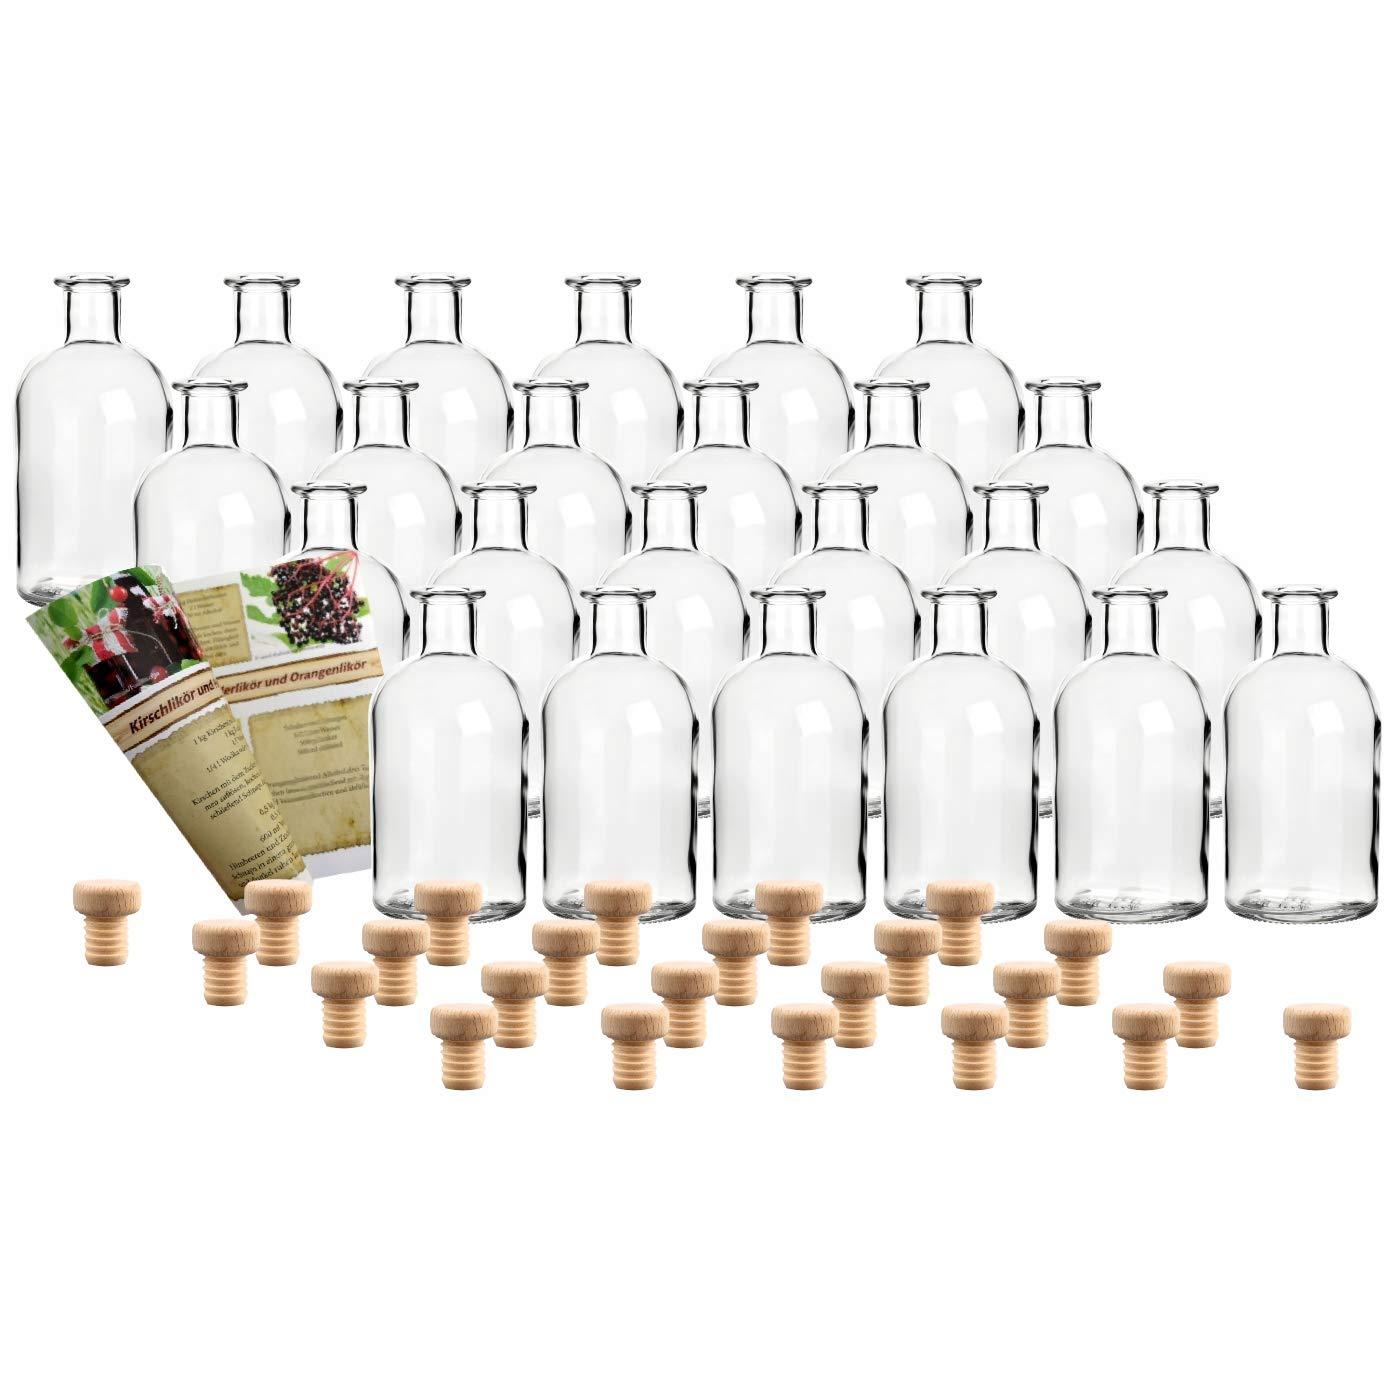 Lik/örflasche Holzgriffkorken gouveo 12er Set Flasche Apotheker 100 ml inkl Schnapsflasche